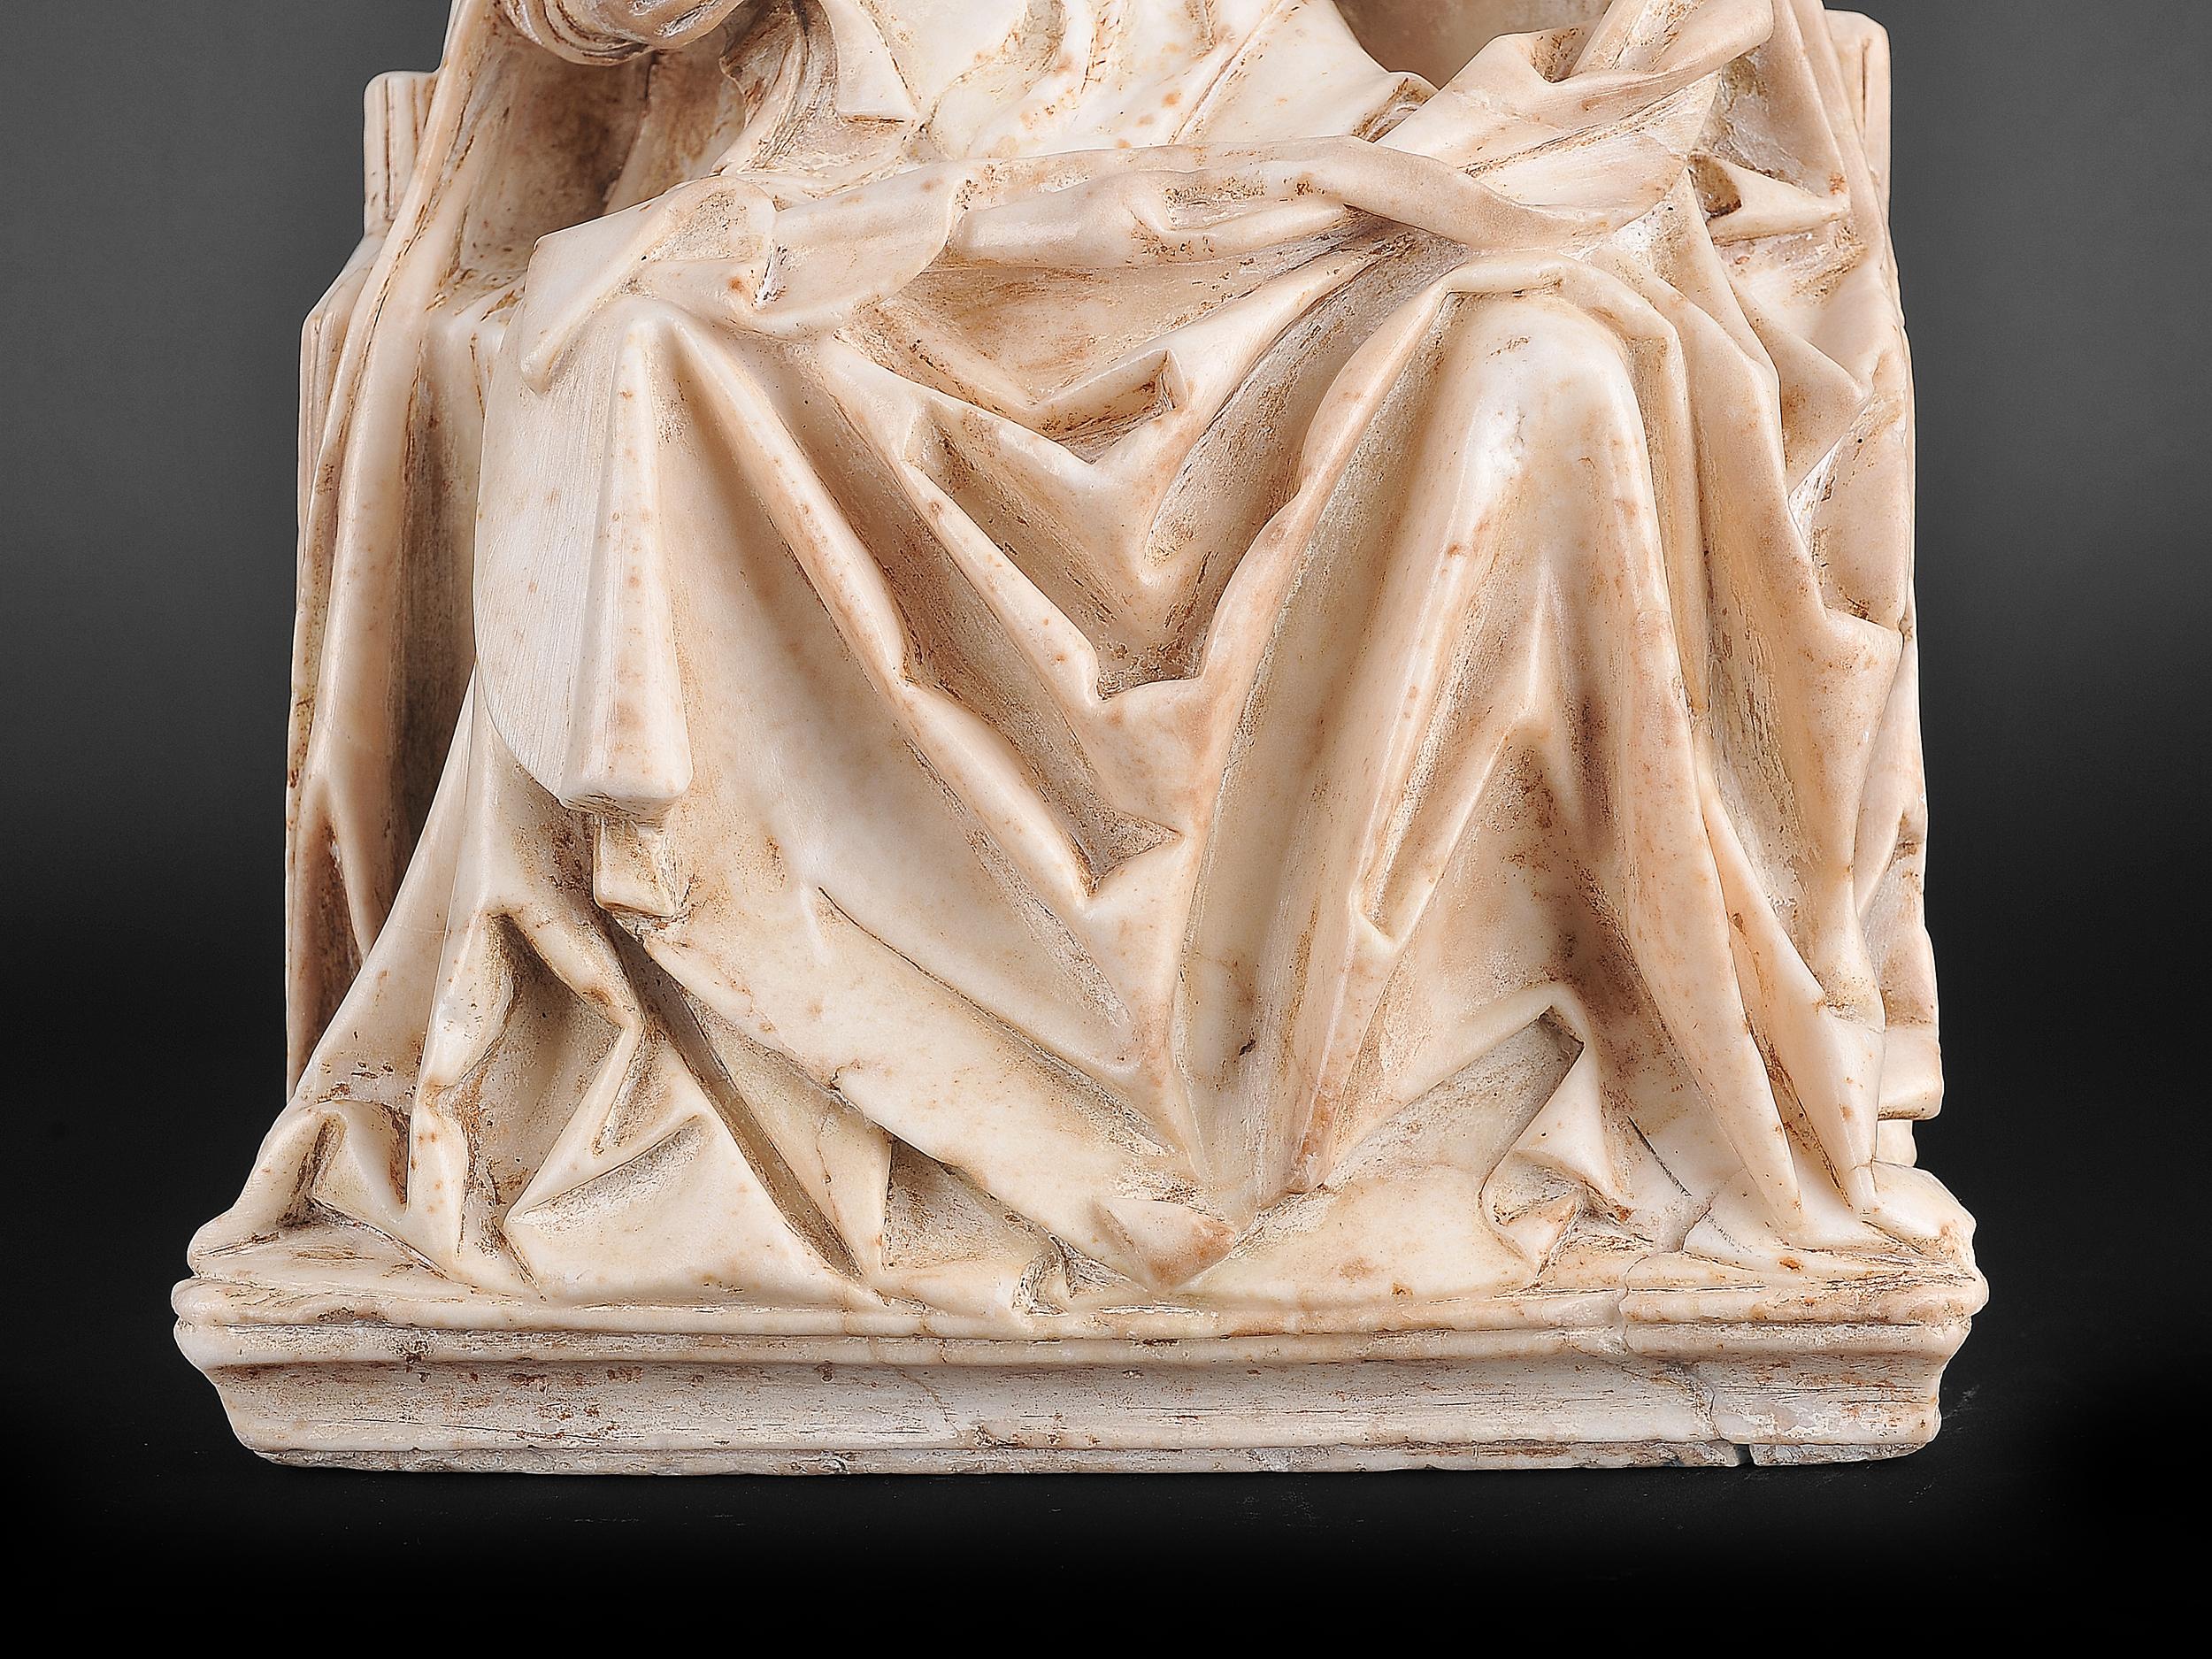 Gil de Siloe, Antwerpen 1440 – 1501 Burgos (und Werkstatt), Sitzende Madonna, um 1485/90 - Image 15 of 25